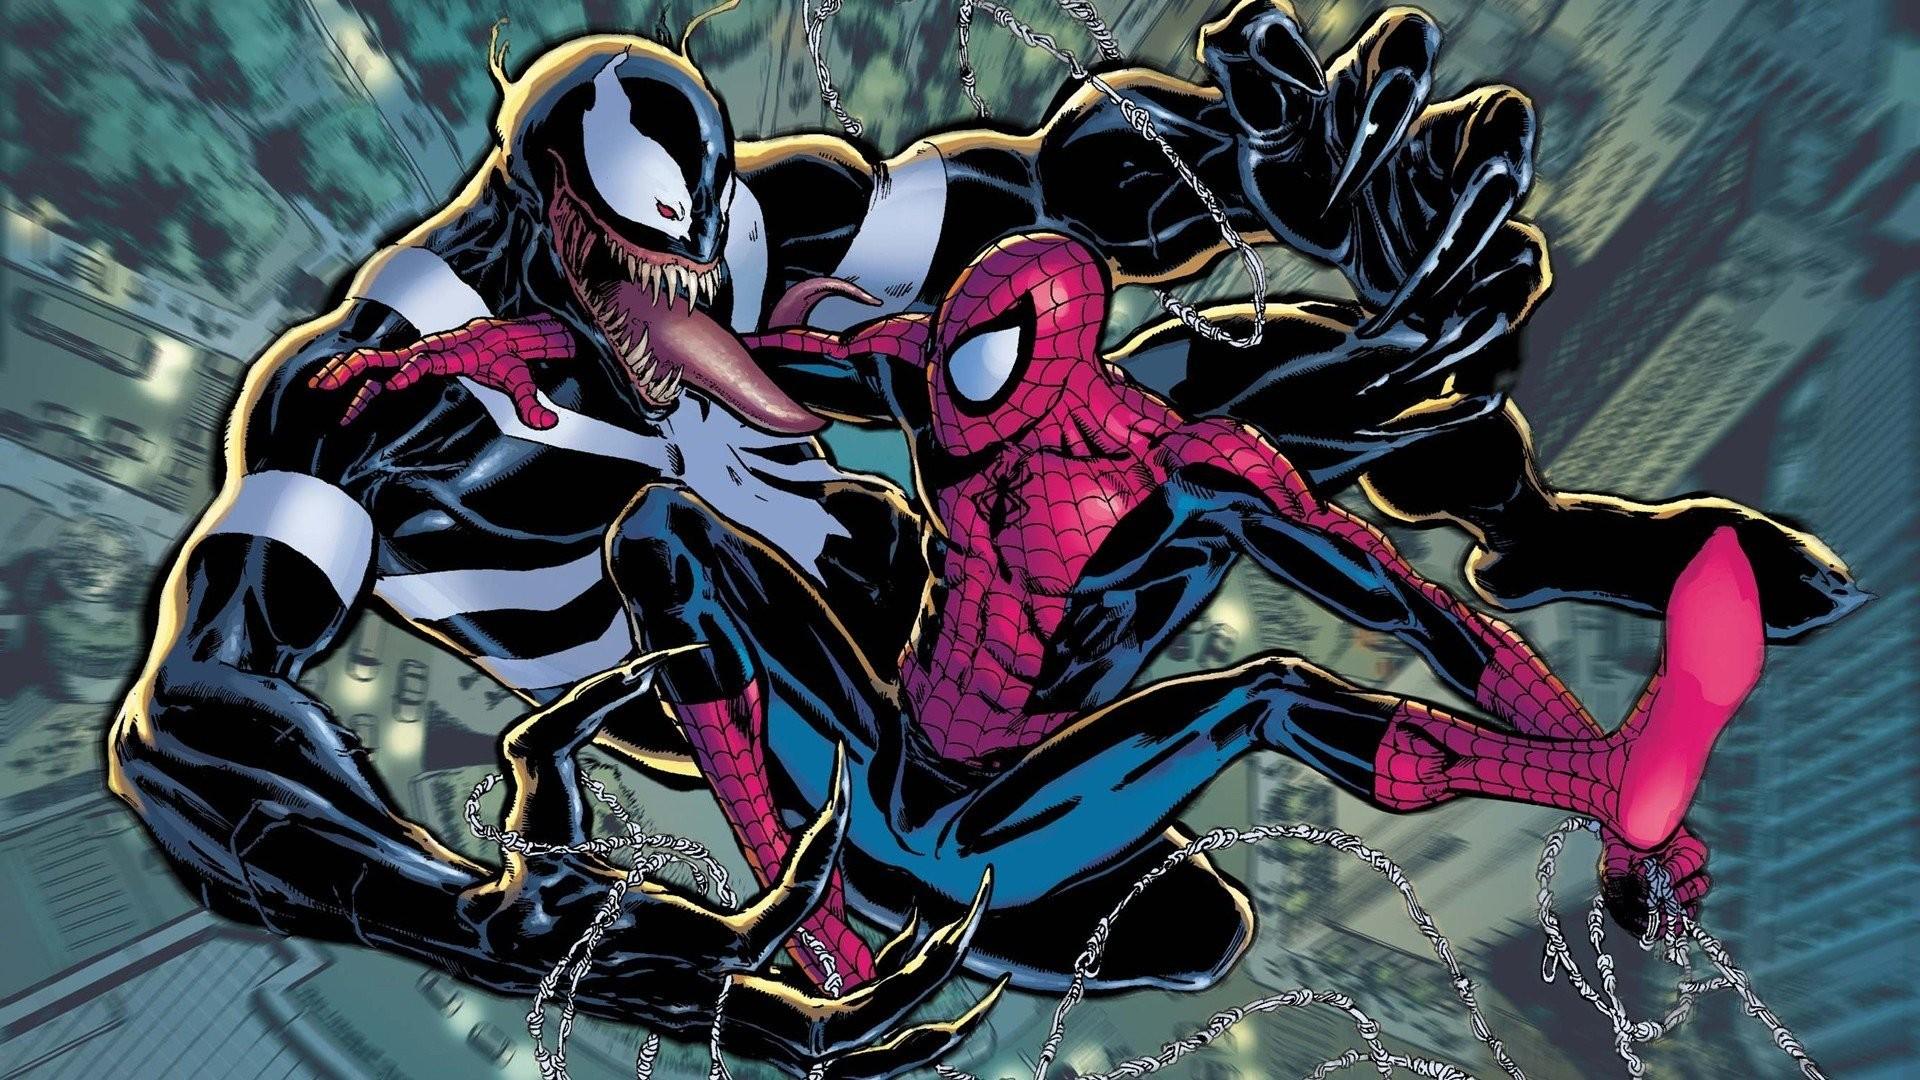 Venom, Spider Man, Comics, Marvel Comics Wallpapers HD / Desktop .